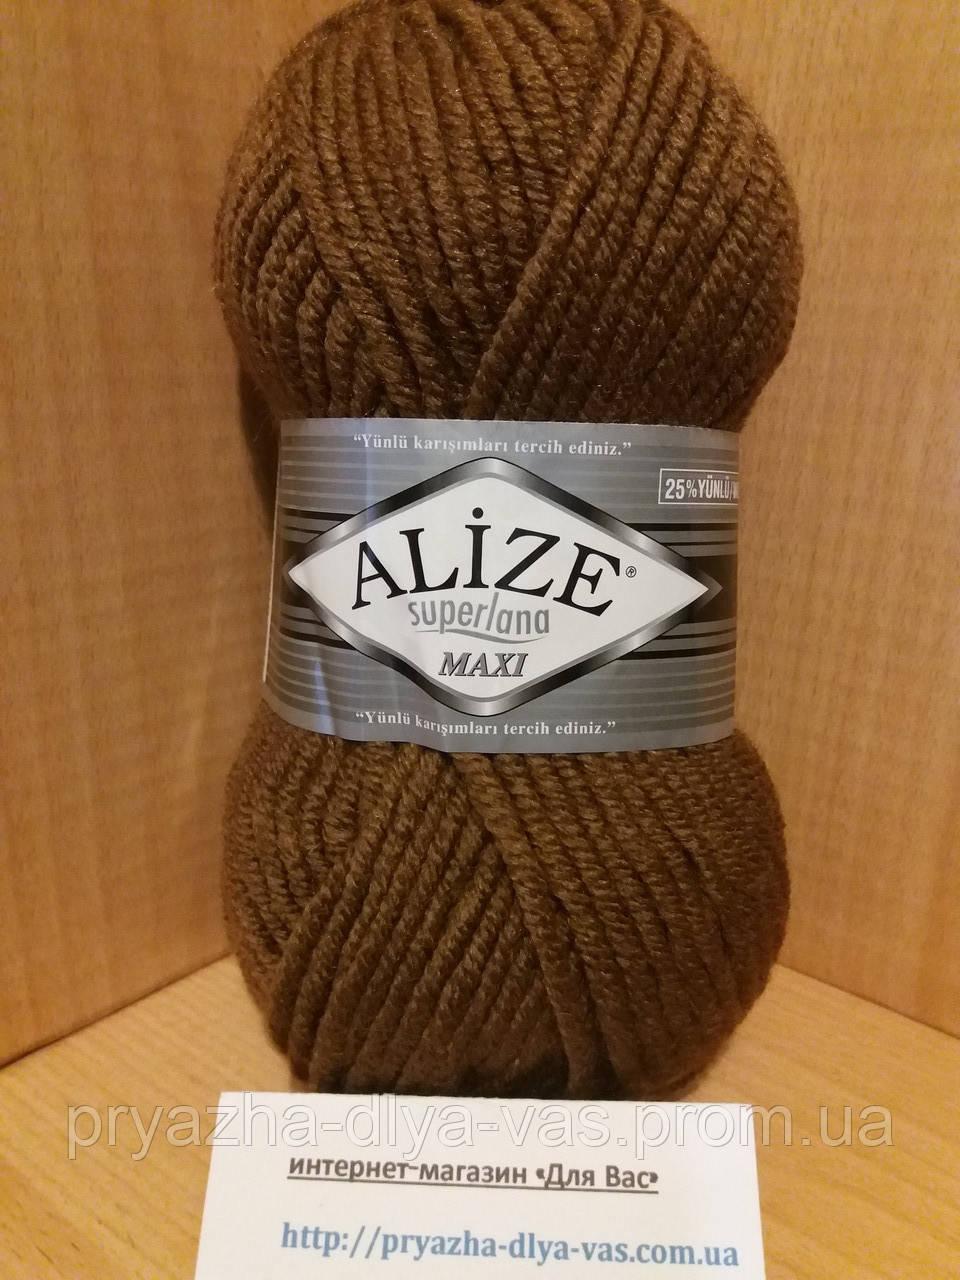 Зимняя пряжа (25% шерсть, 75% акрил; 100г/100м) Alize Superlana MAXI 137(табачно-коричневый)